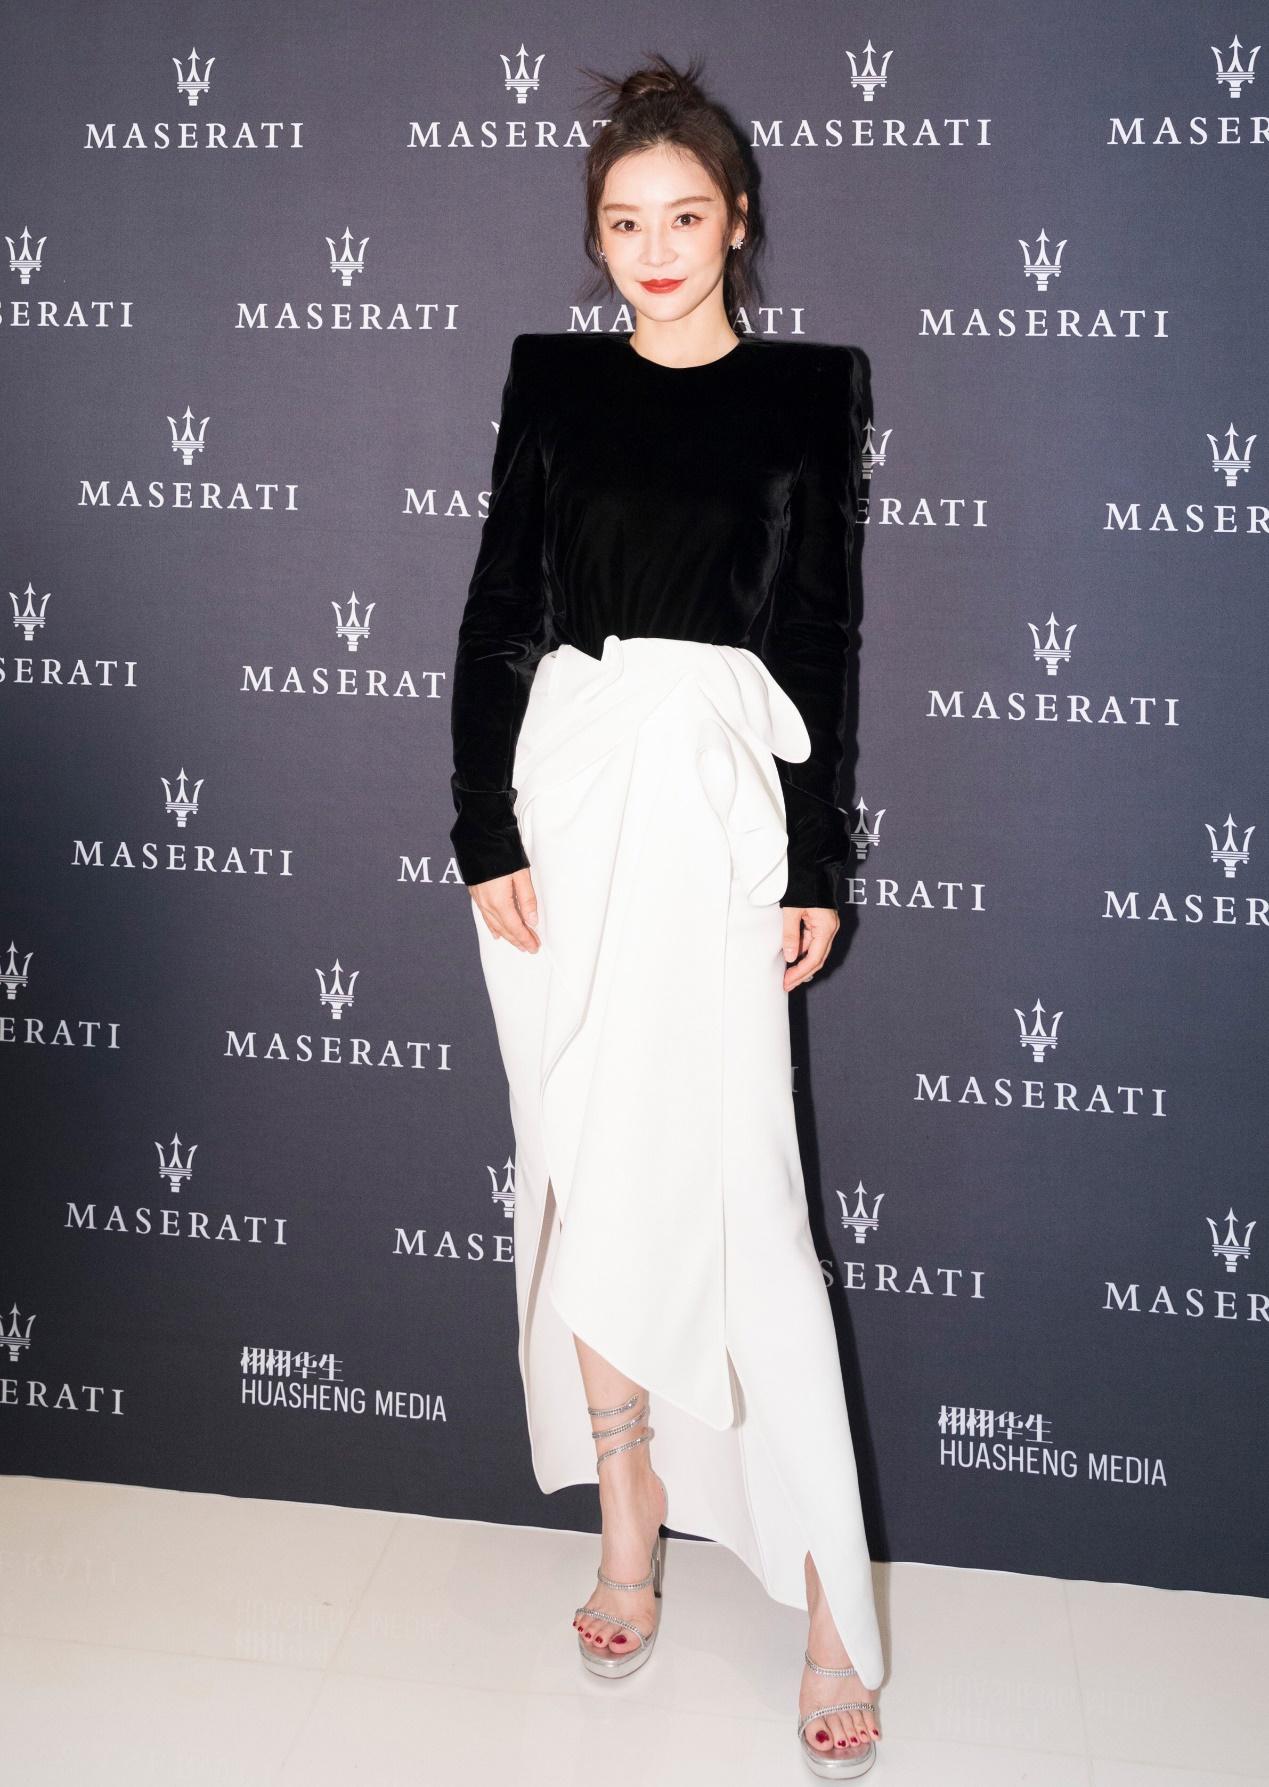 32岁袁姗姗会穿,丝绒黑衣配白色半裙好高级,165穿出超模范